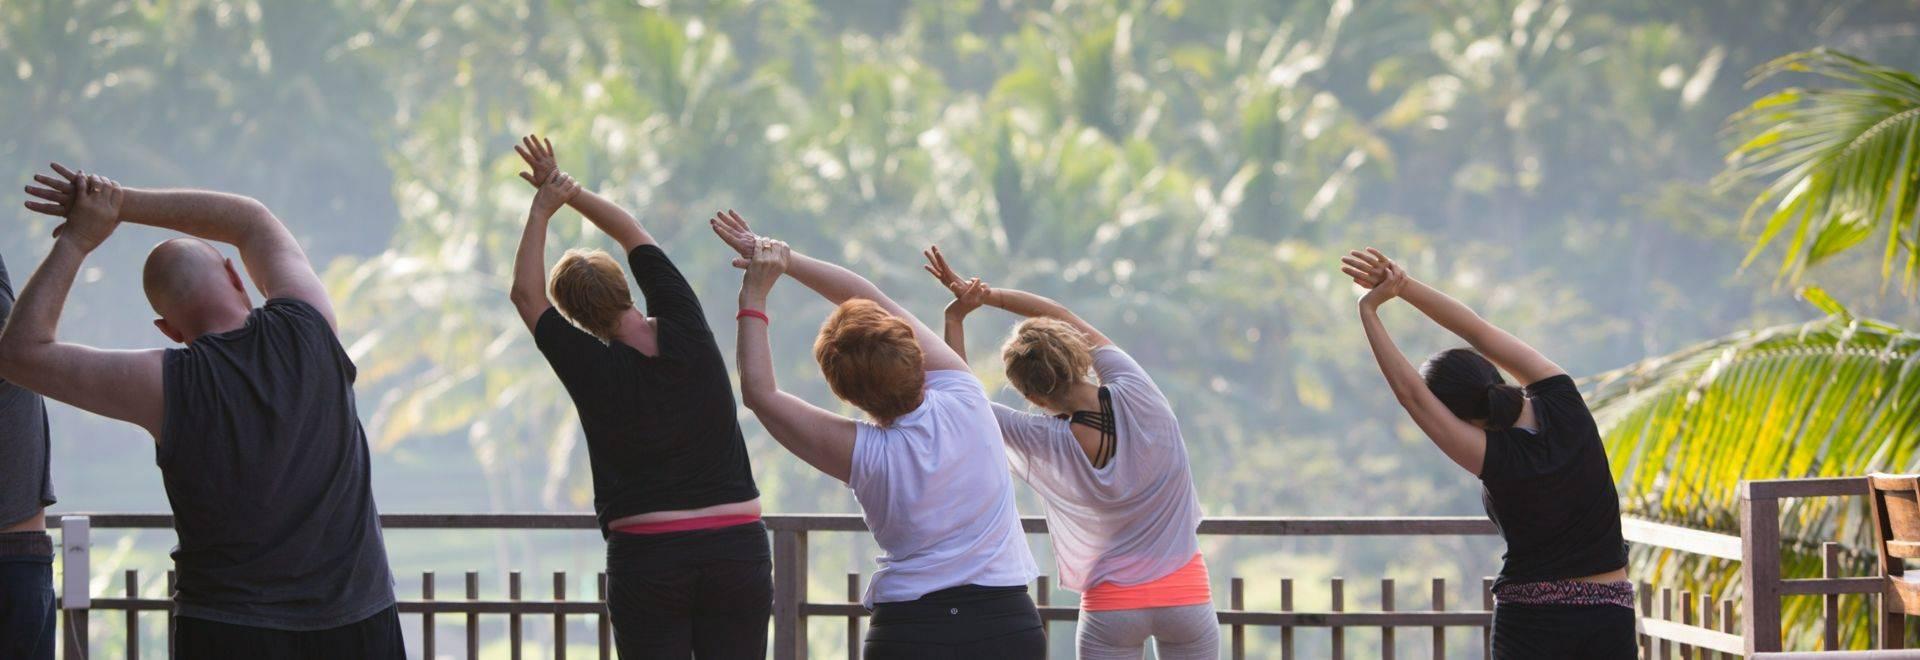 Svarga-Loka-outdoor-yoga-1.jpg